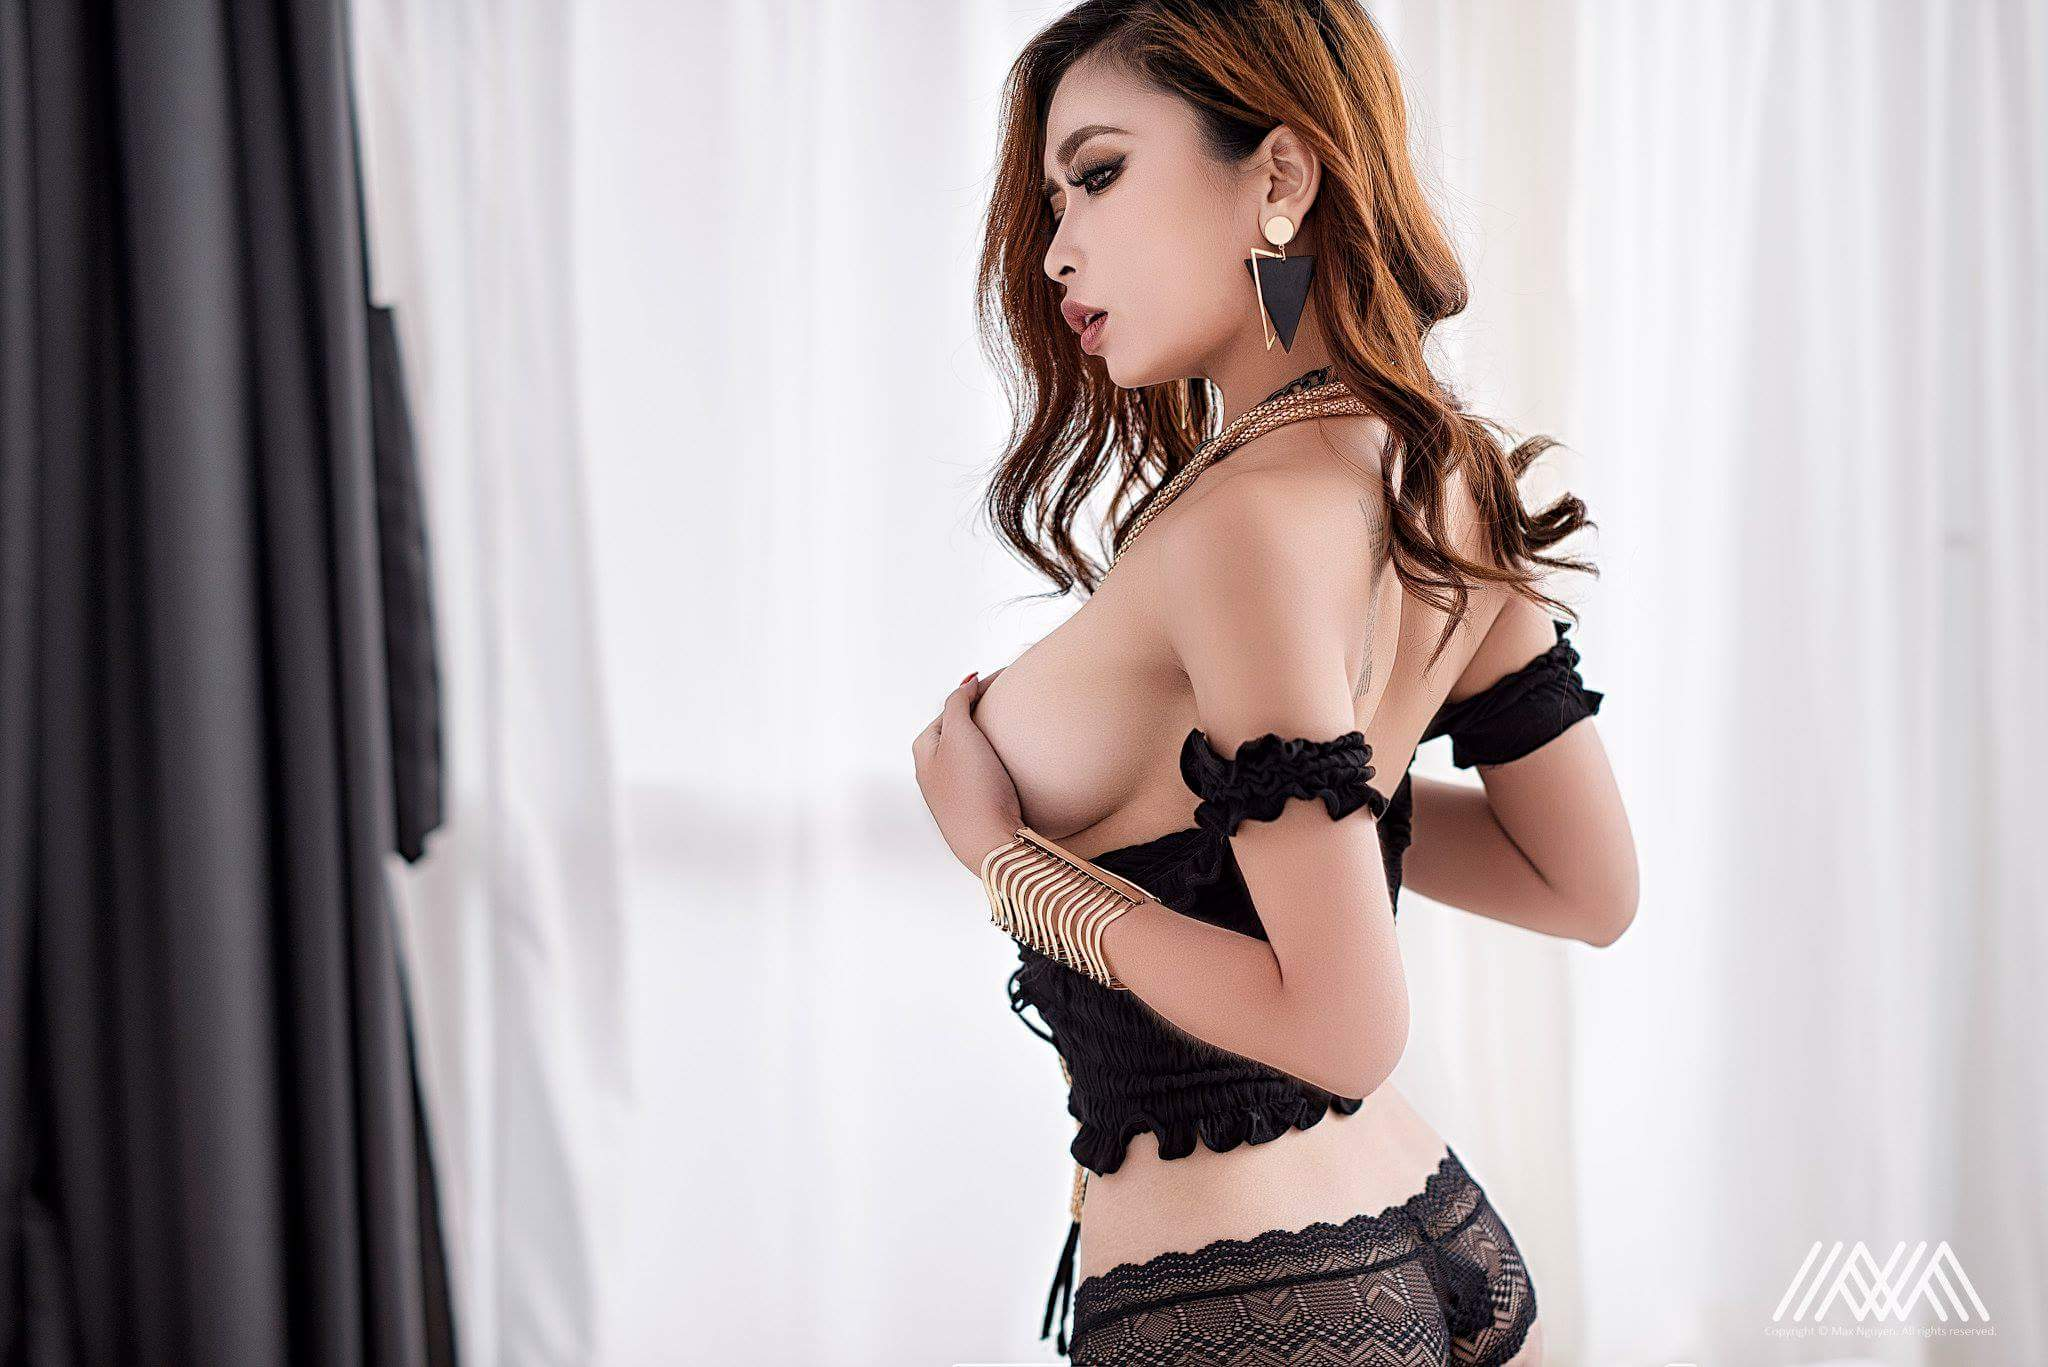 Thanh Vân sức hút khó cưỡng photo Max Nguyễn